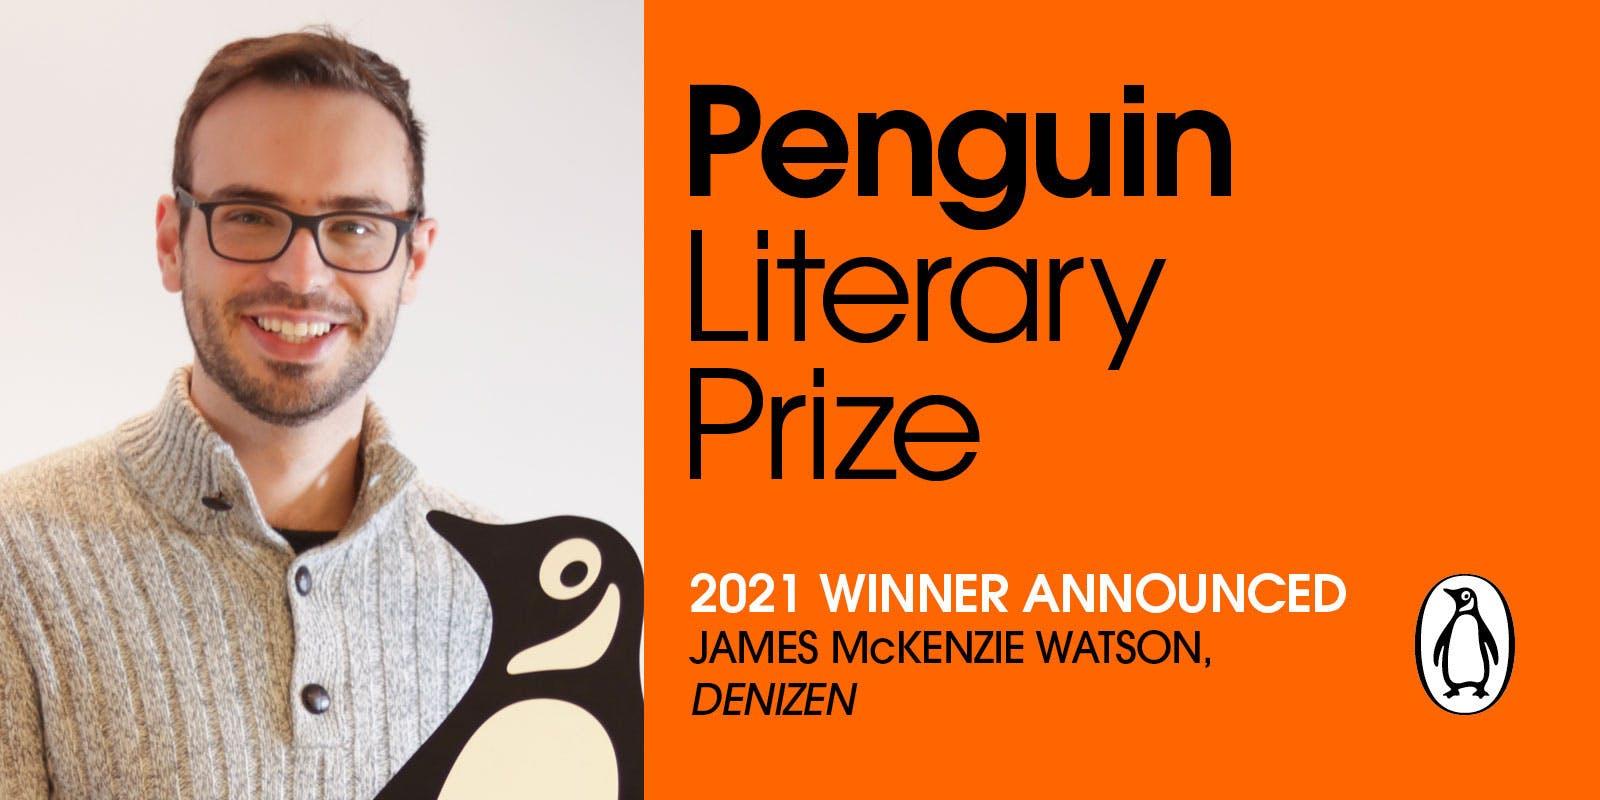 Penguin Literary Prize 2021 winner announced